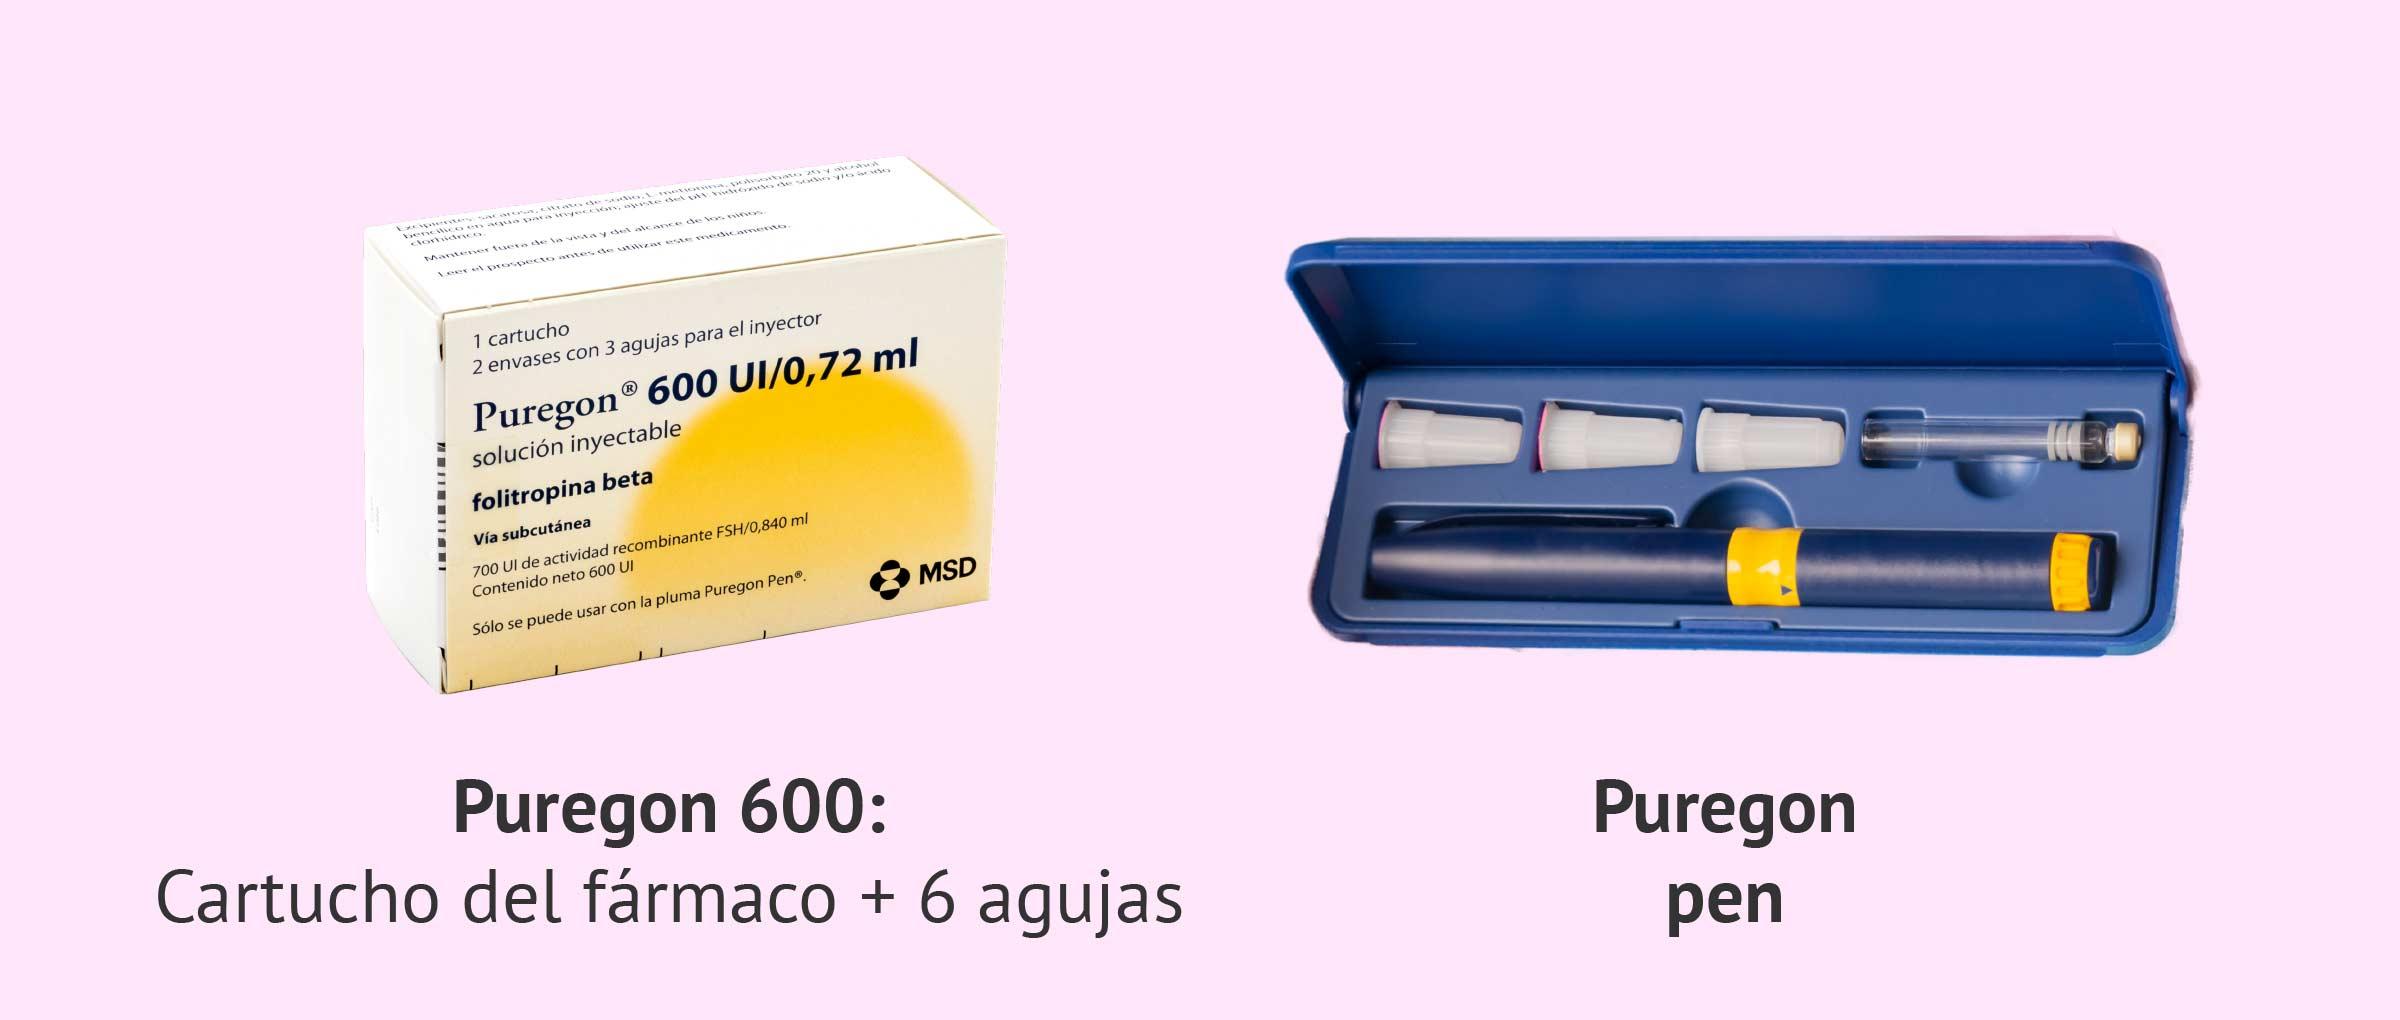 El Puregon 600 para tratamientos de fertilidad